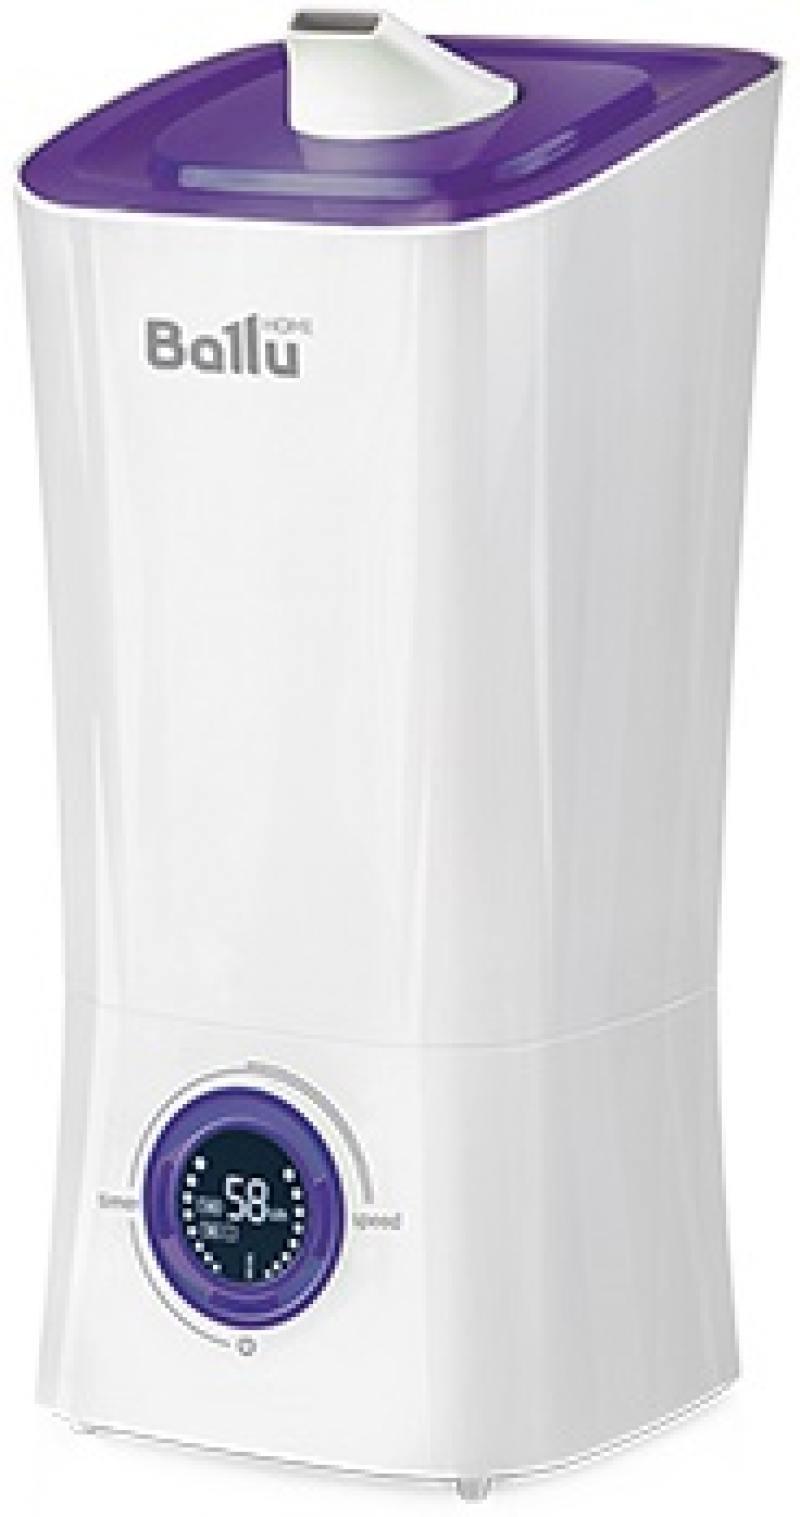 Увлажнитель воздуха BALLU UHB-205 белый фиолетовый от OLDI